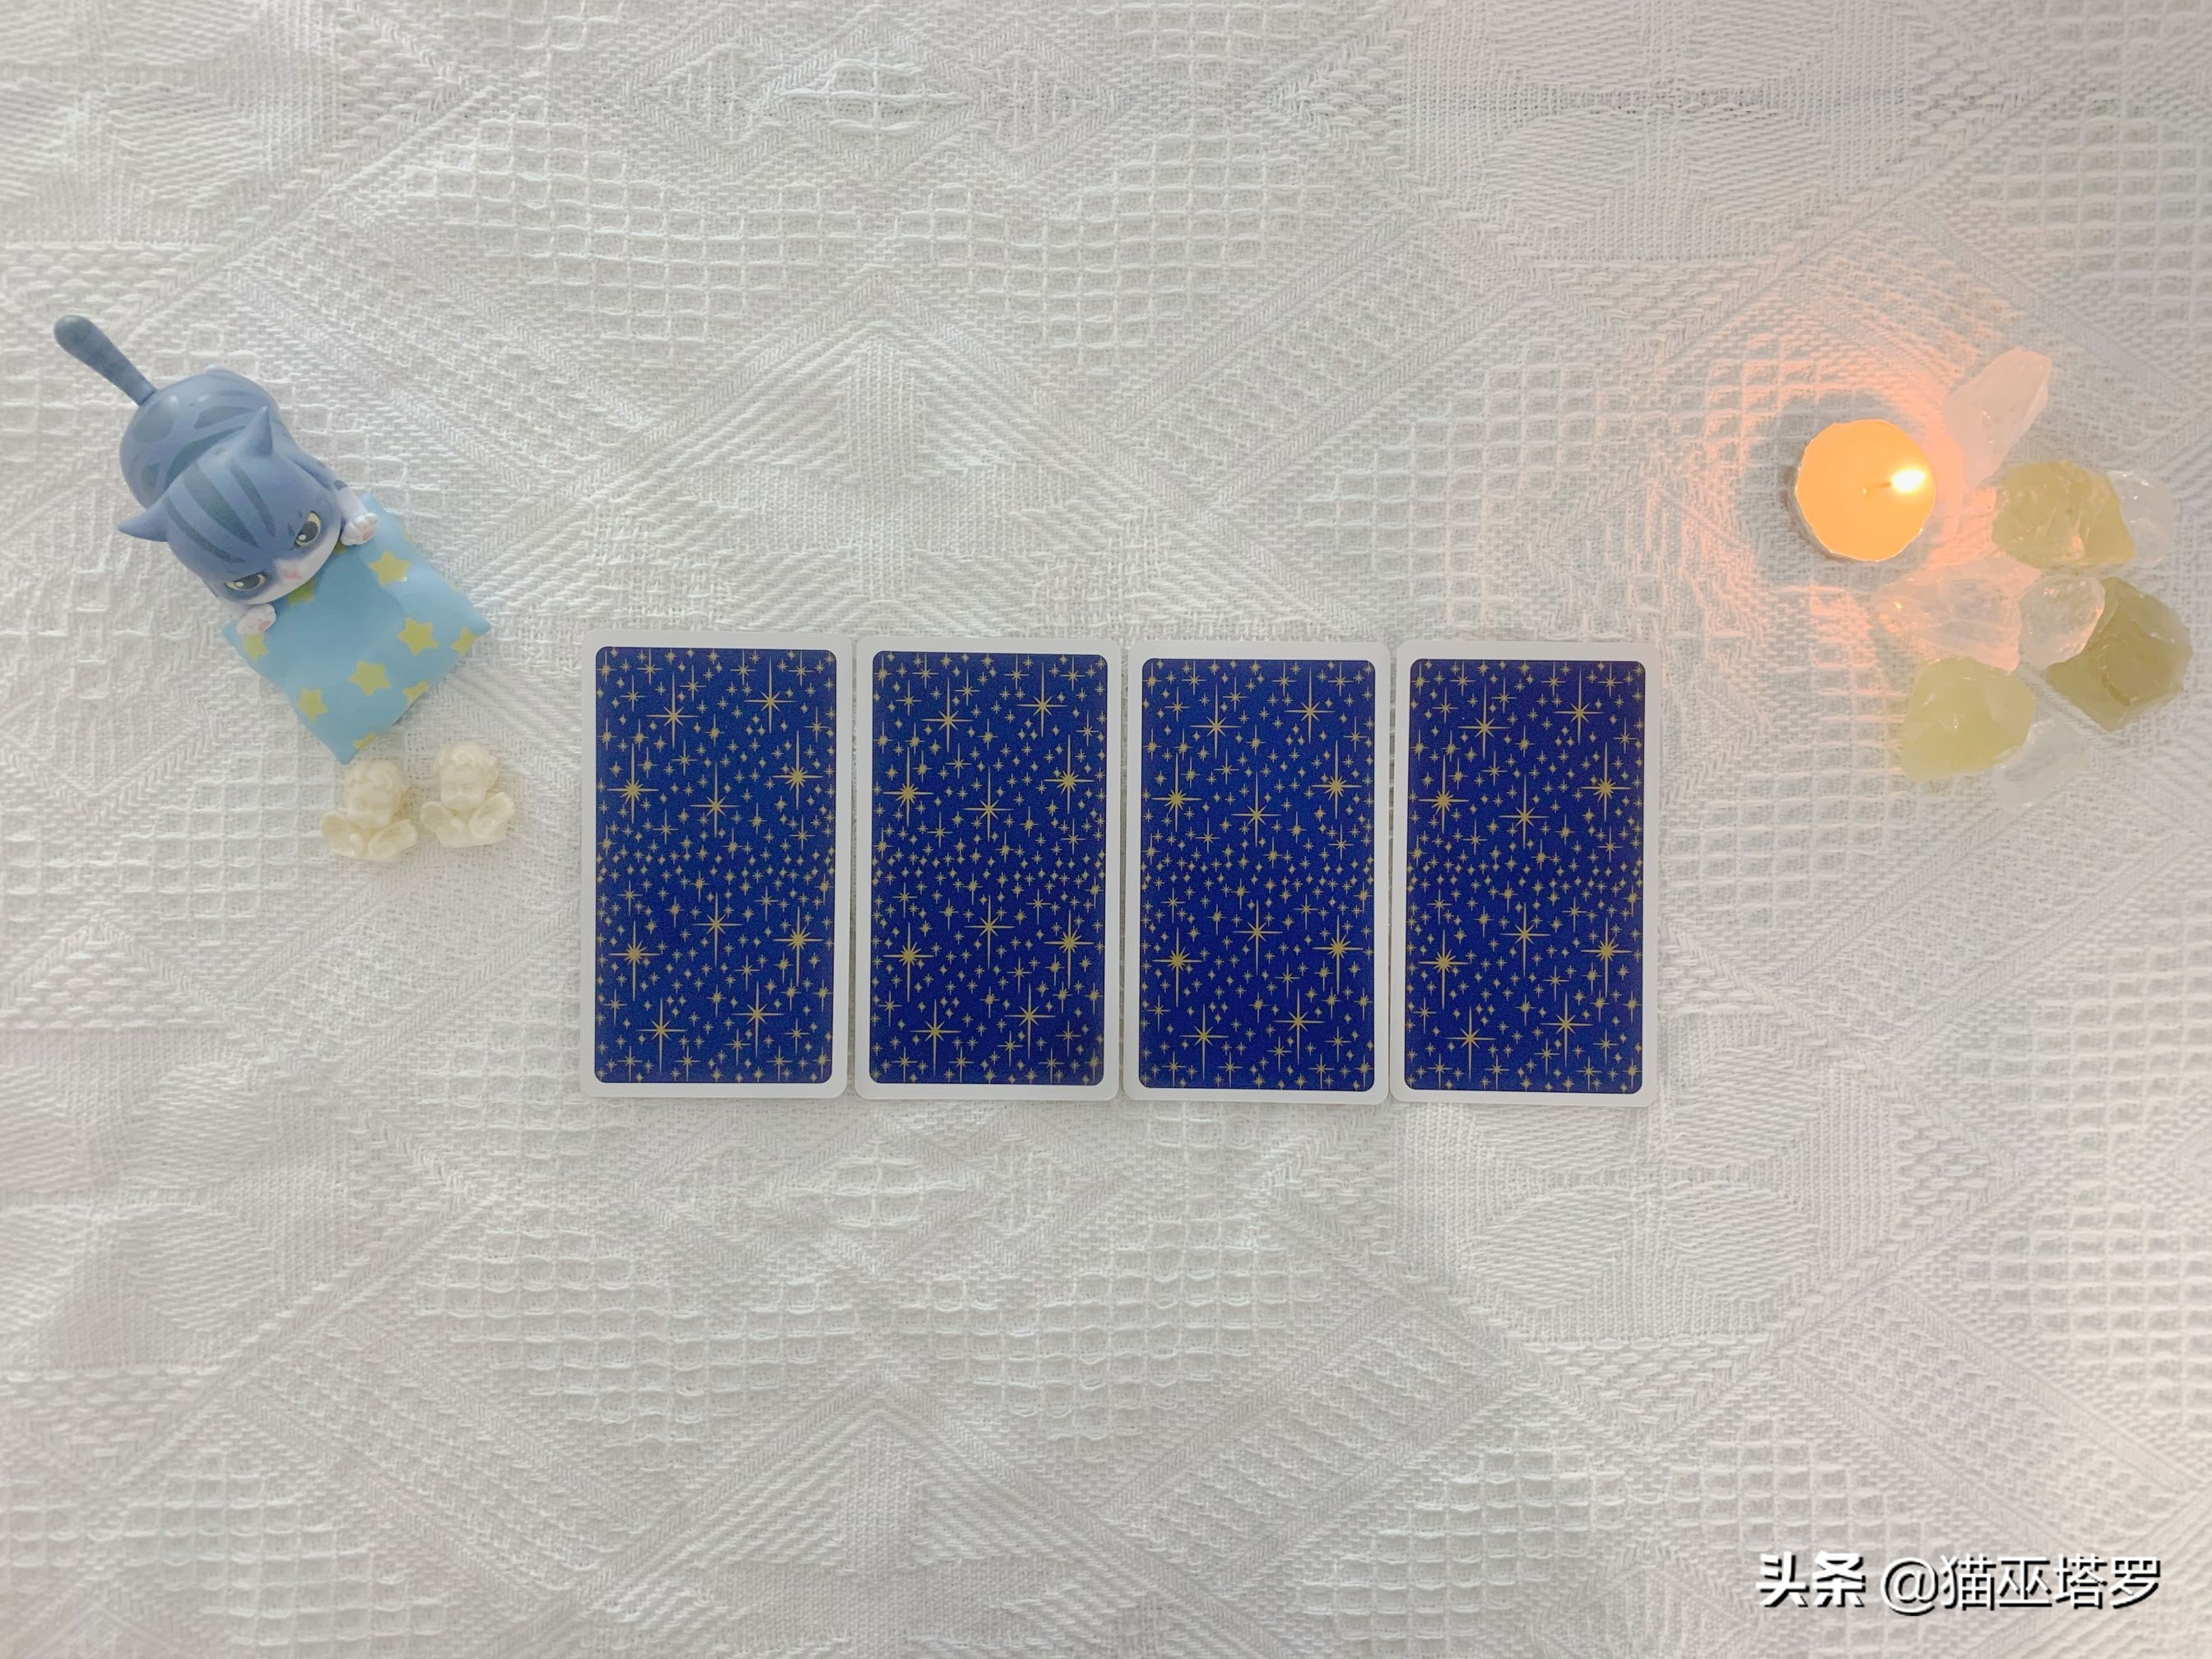 塔罗摩羯座2021年5月运势:互相不理解